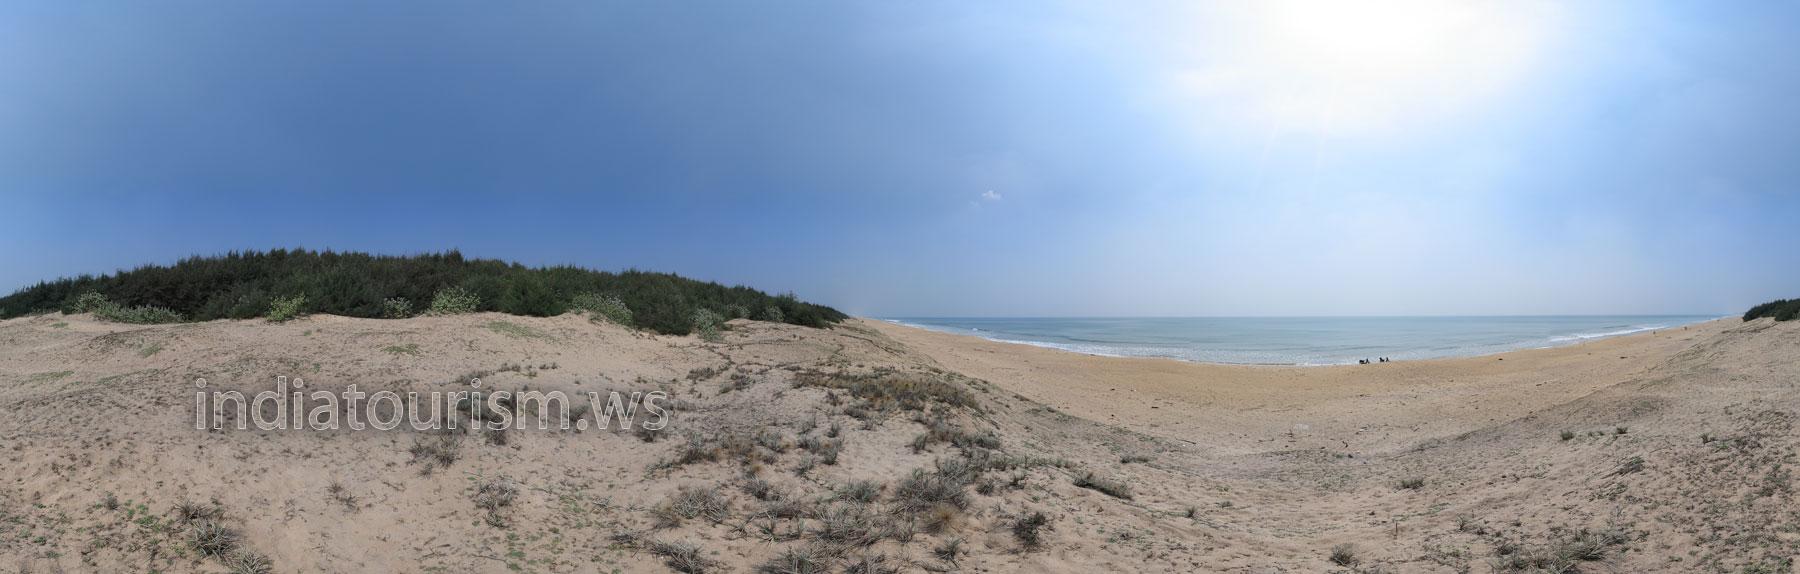 Пустой пляж - вид сверху